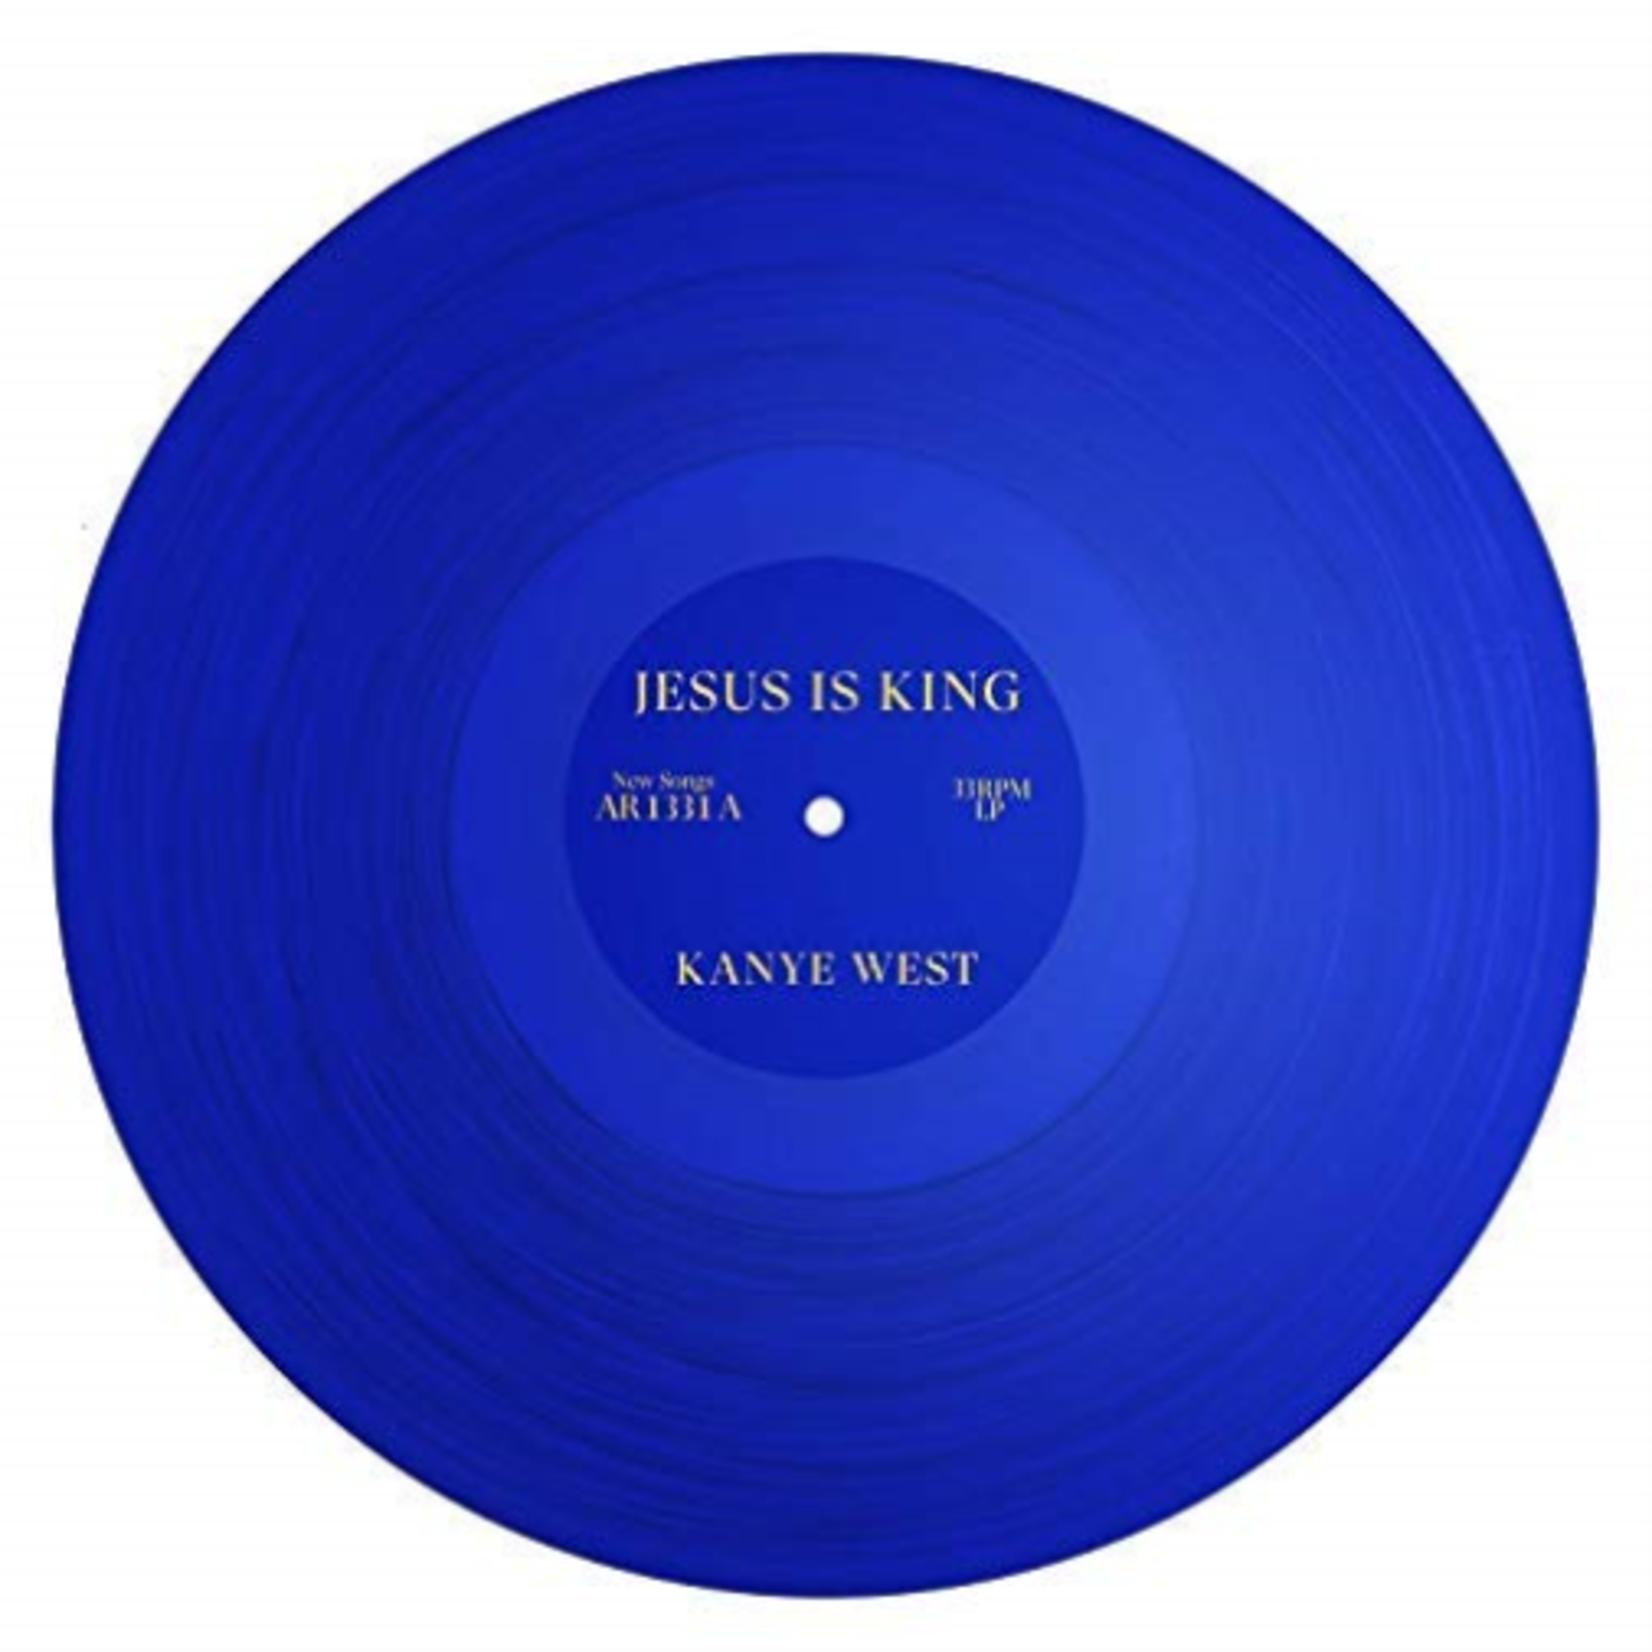 KANYE WEST JESUS IS KING (TRANSLUCENT BLUE VINYL)